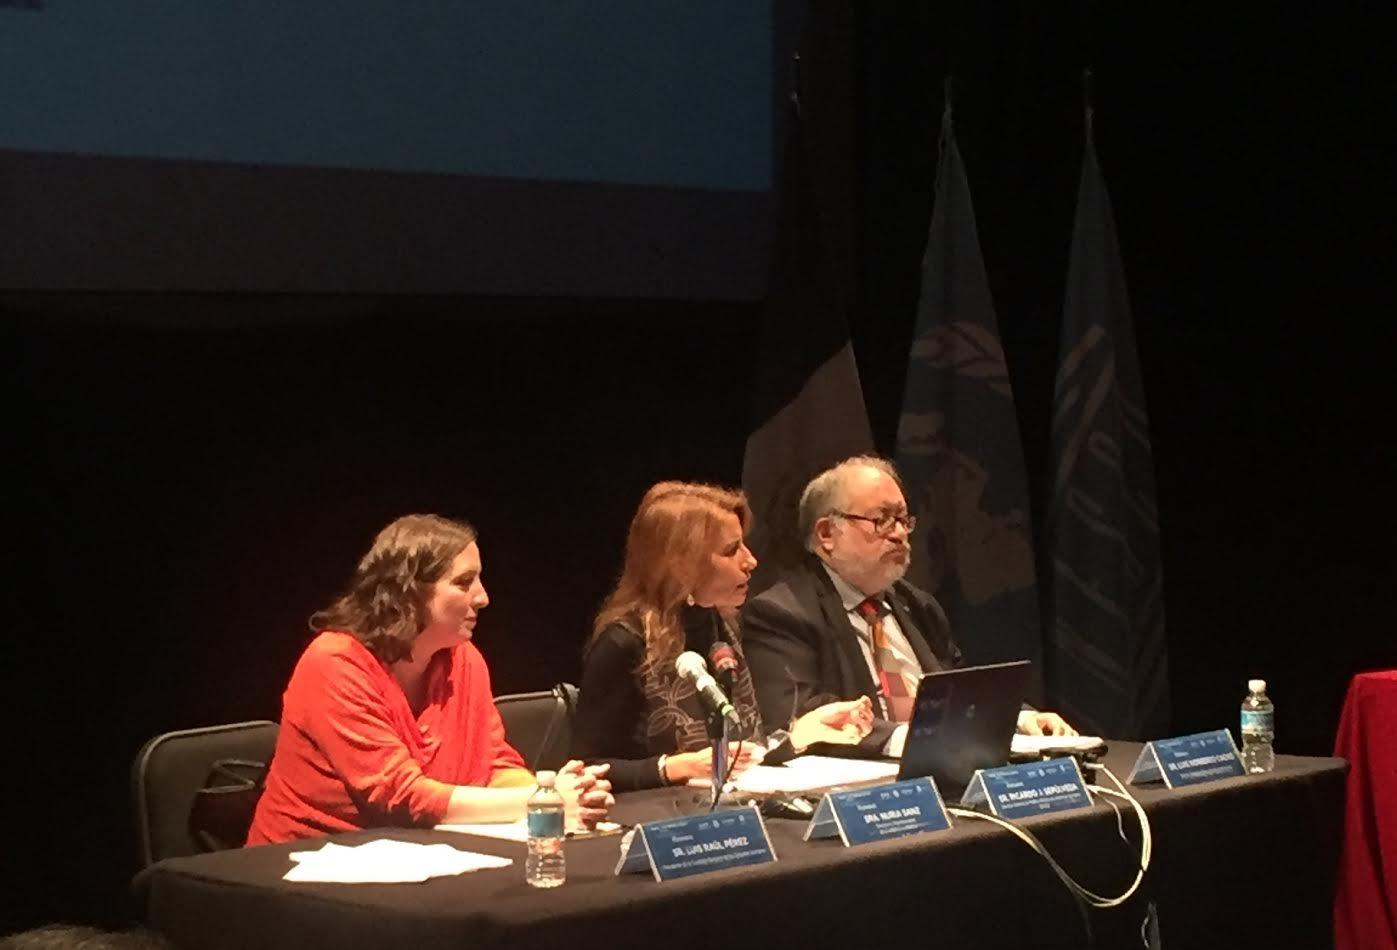 """Mesa """"Derechos culturales y marco normativo"""", con la participación de representantes de la Secretaría de Gobernación, la Oficina de la UNESCO en México y la Secretaría de Cultura."""